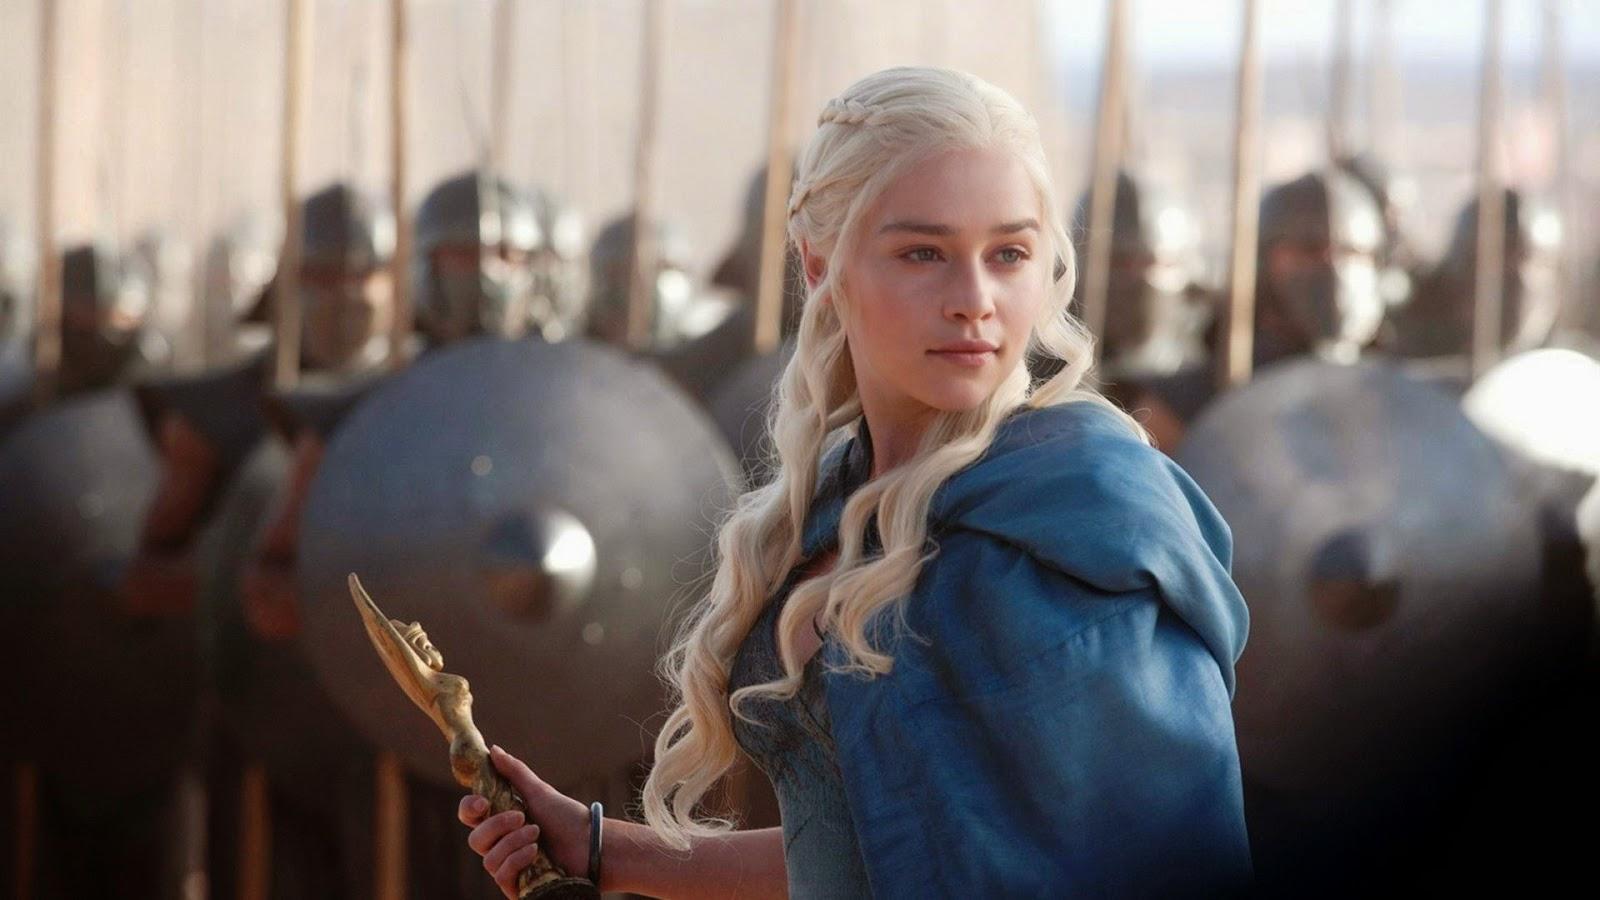 Daenerys immáron erős  hadvezérként